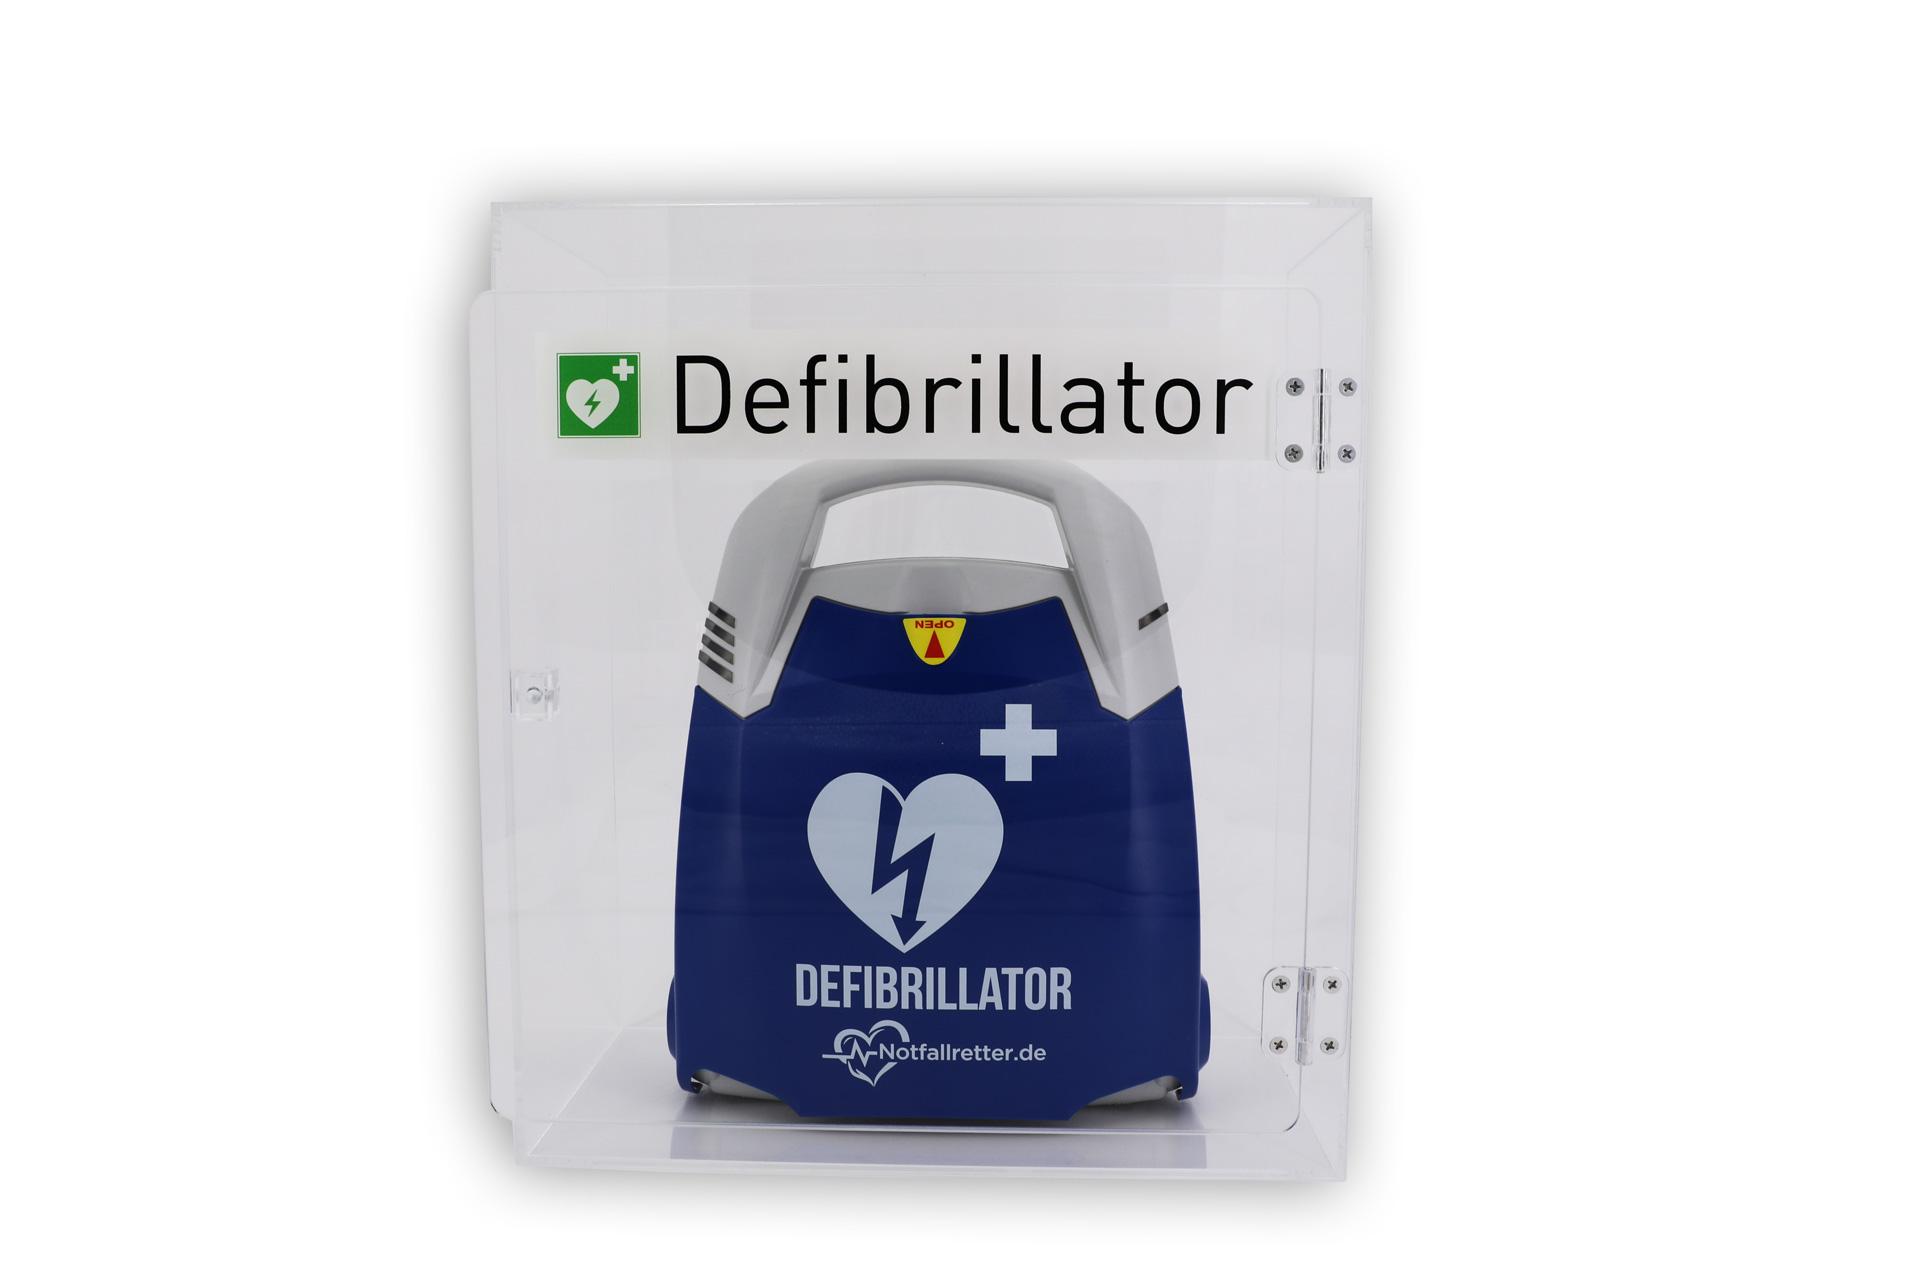 Design-Acrylglaswandkasten für Defibrillator AED